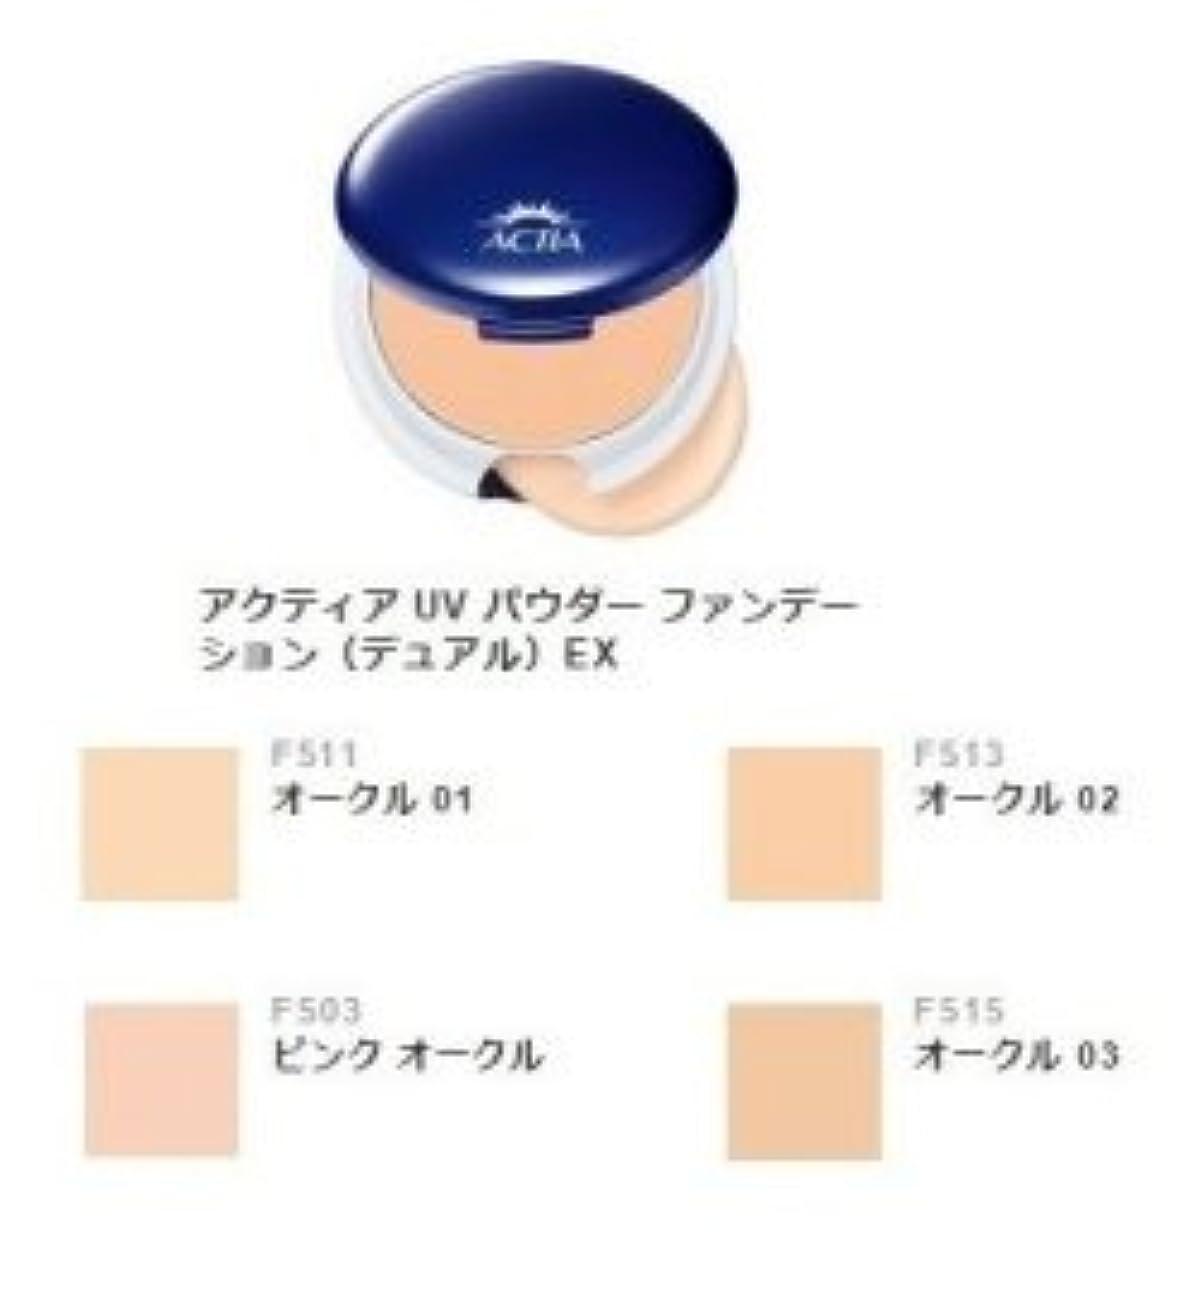 天井アルバニー全部エイボン(AVON) アクティア UV パウダーファンデーション(デュアル)EX(リフィル) F511 オークル01